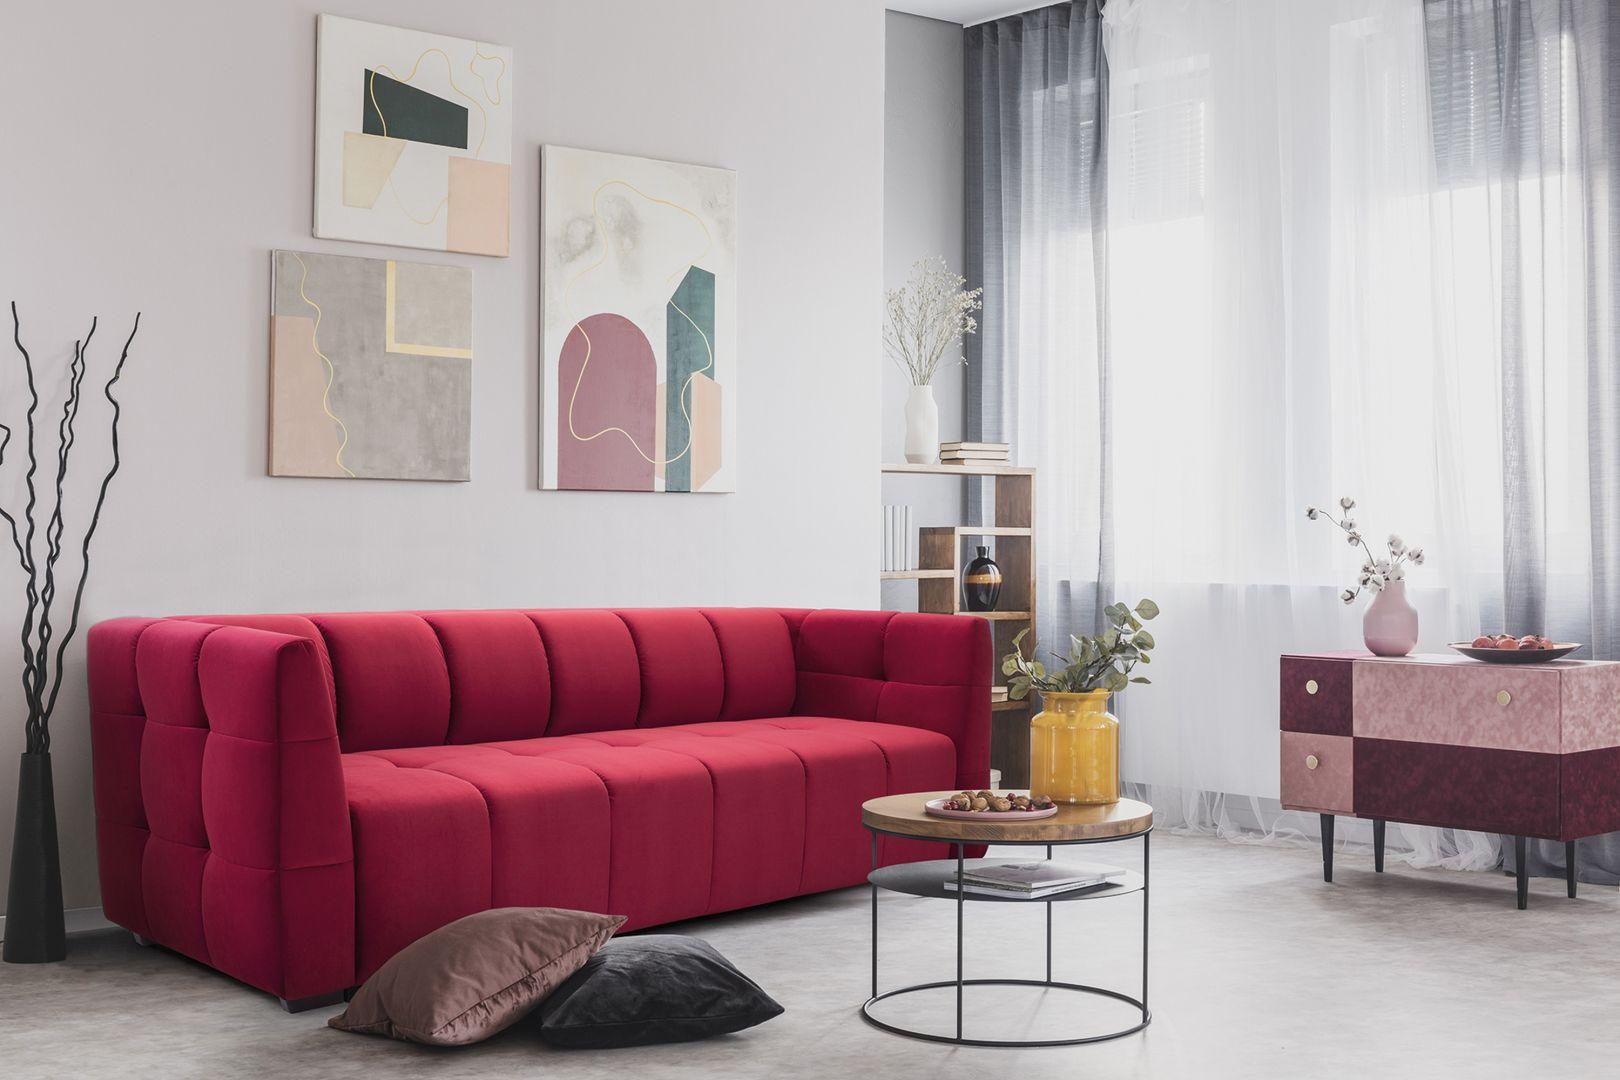 """Designerska linia sofy Gaja, z pionowymi przeszyciami na oparciu, została zainspirowana kanapami w amerykańskich barach i cadillacami. Bryła mebla """"podnosi"""" wizualnie ścianę, dzięki czemu pomieszczenie może wydawać się wyższe niż w rzeczywistości. Ciekawa struktura pikowań sofy idealnie podkreśla bezpretensjonalny charakter wnętrza, dodając mu harmonijnego rysu. Całość wieńczy możliwość dodania oryginalnych zagłówków i przydatna funkcja spania. Fot. Sweet Sit"""